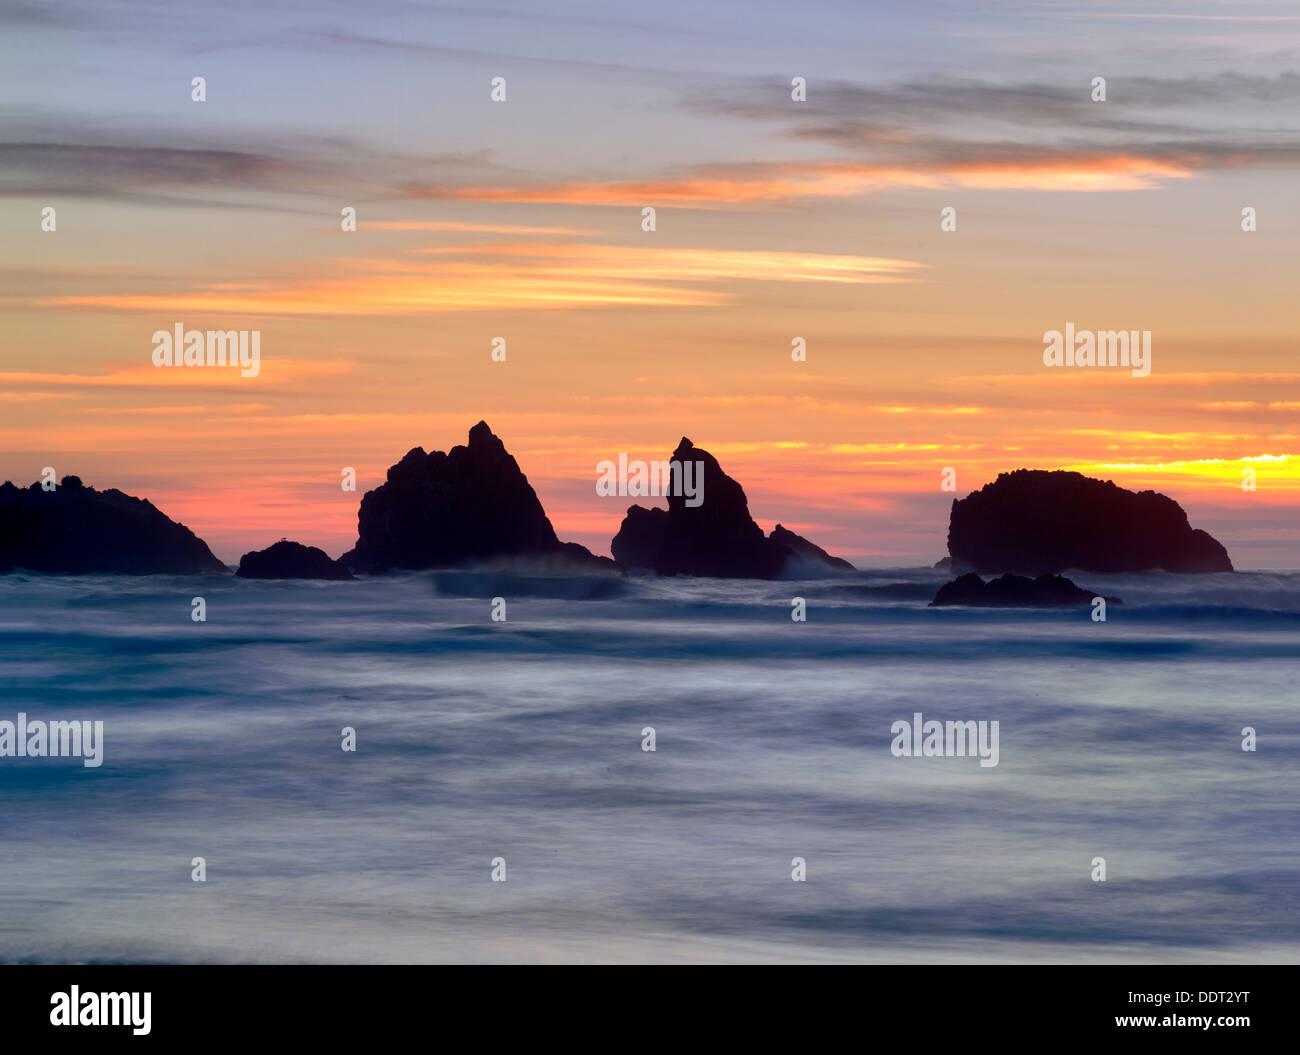 Sunset and rocks. Bandon, Oregon - Stock Image